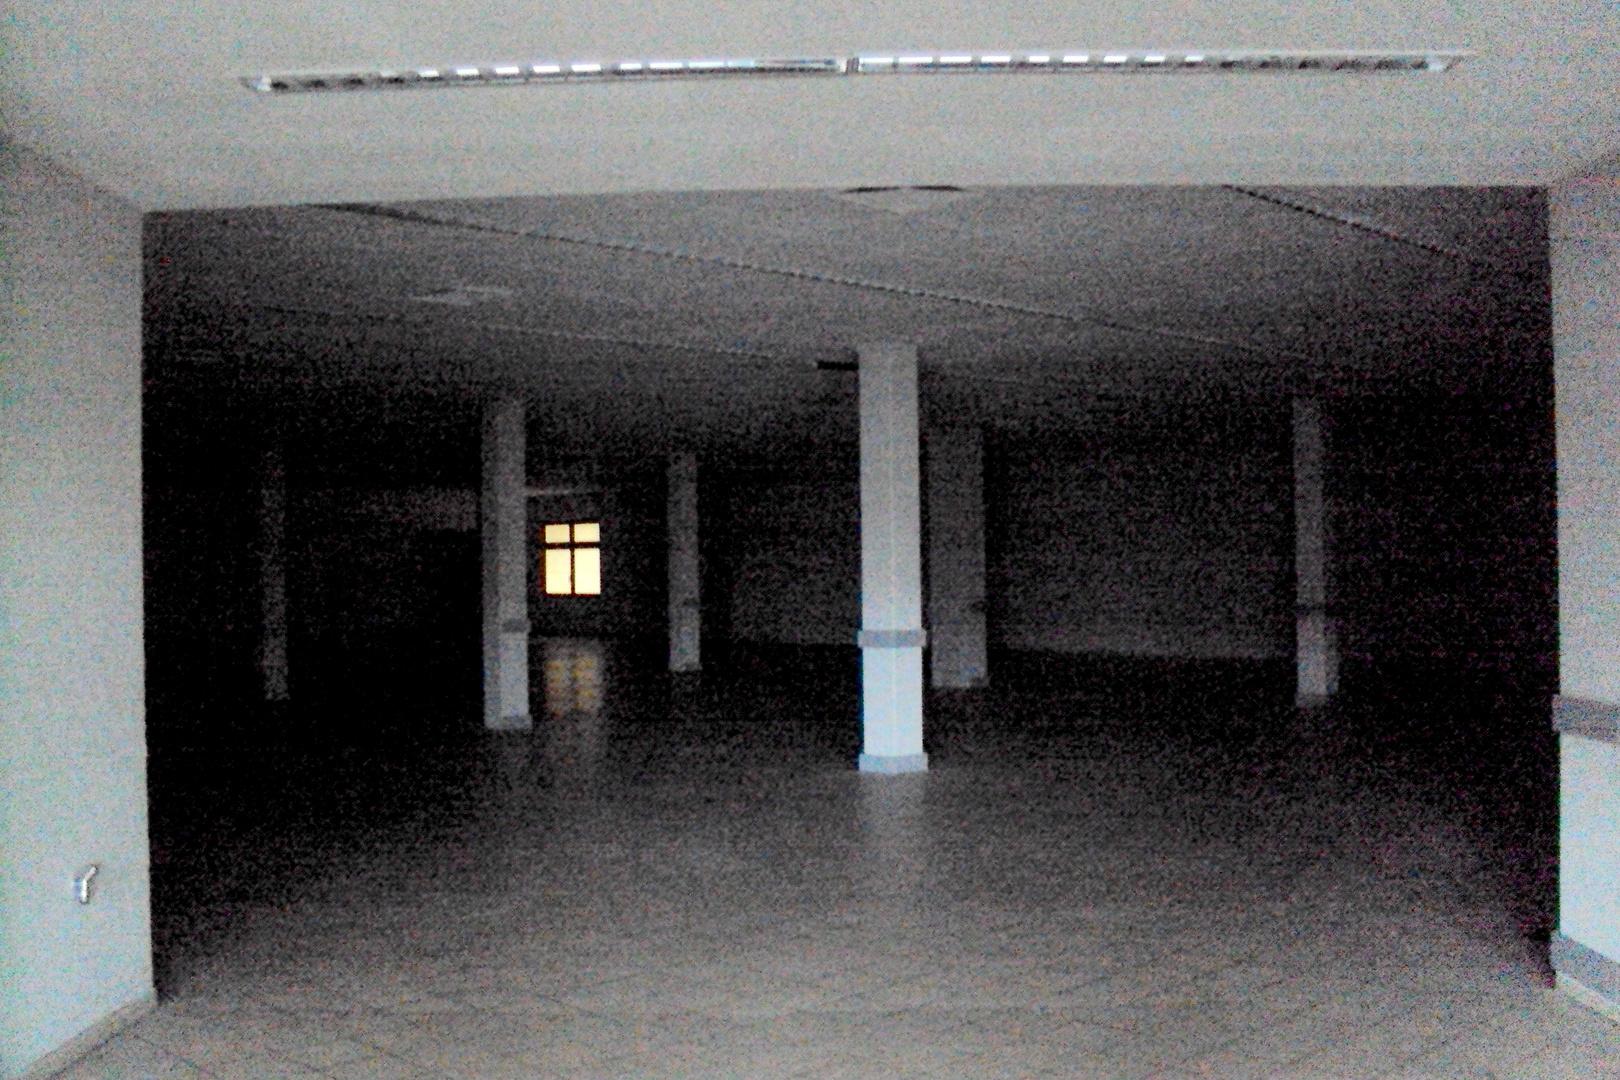 Leerstand in Heitersheim